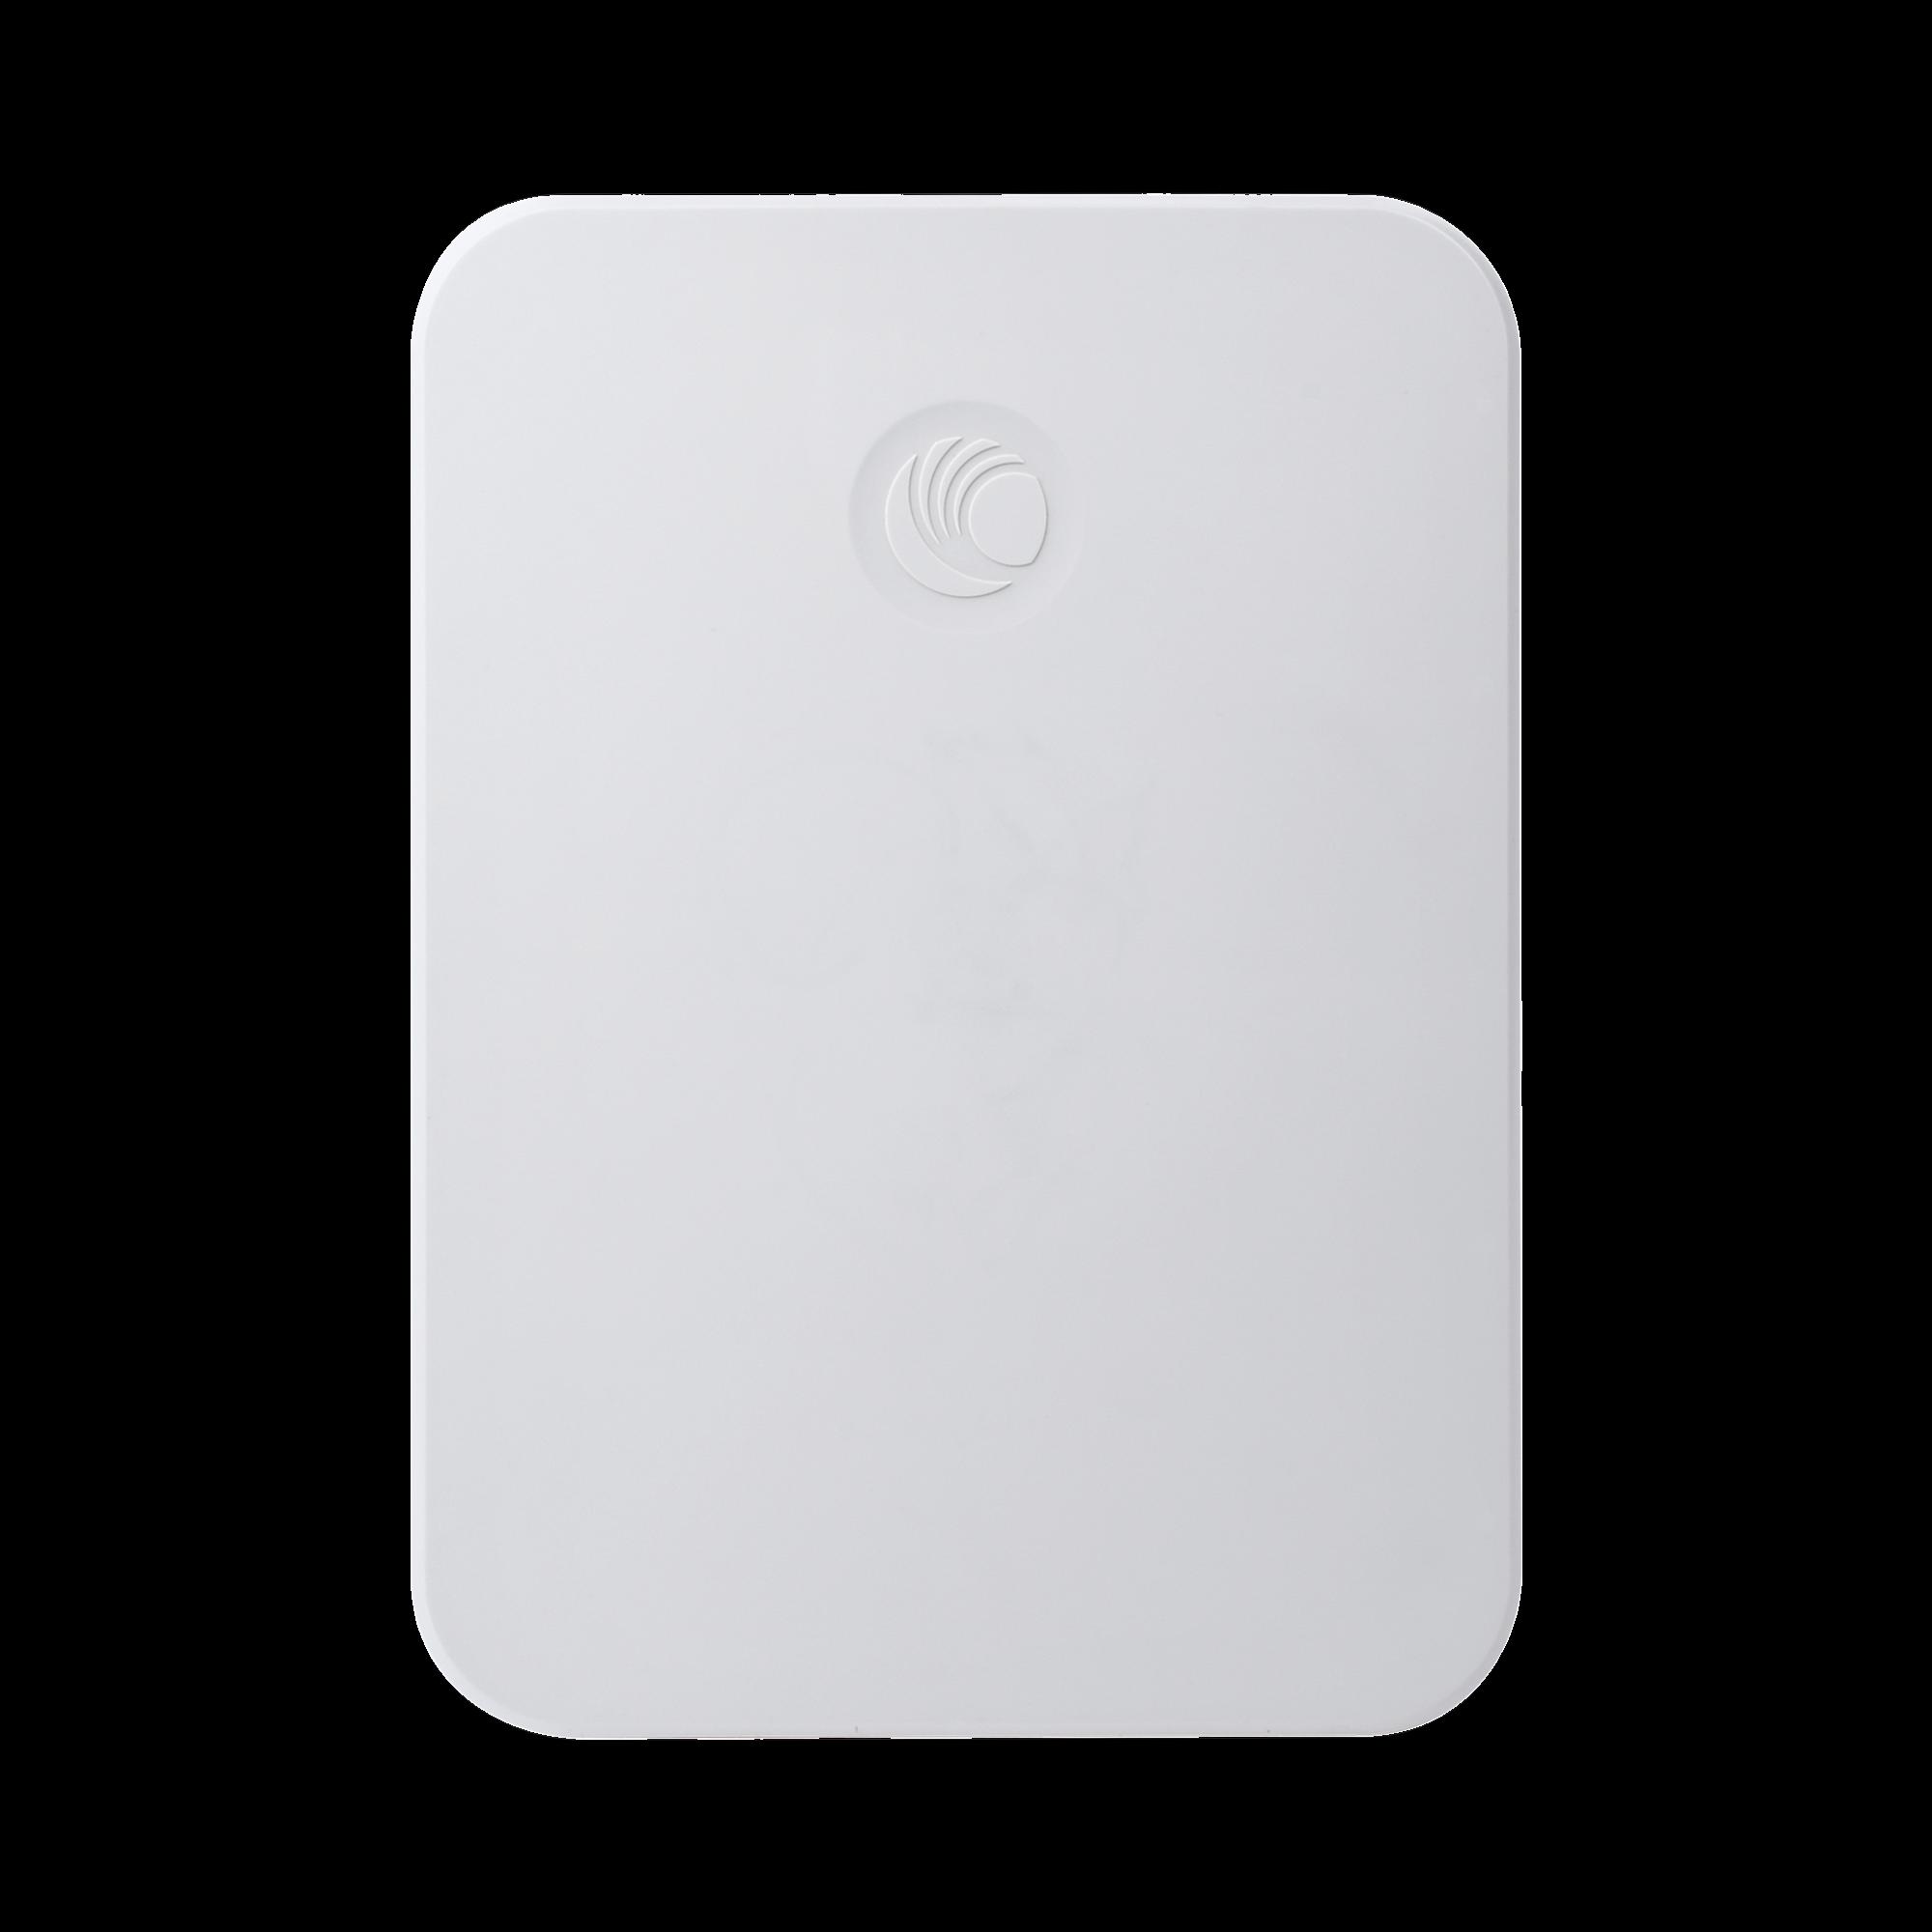 Access Point WiFi Industrial cnPilot e510 omnidireccional para exterior, IP67, doble banda, certificación contra golpes y vibraciones, soporta temperaturas extremas